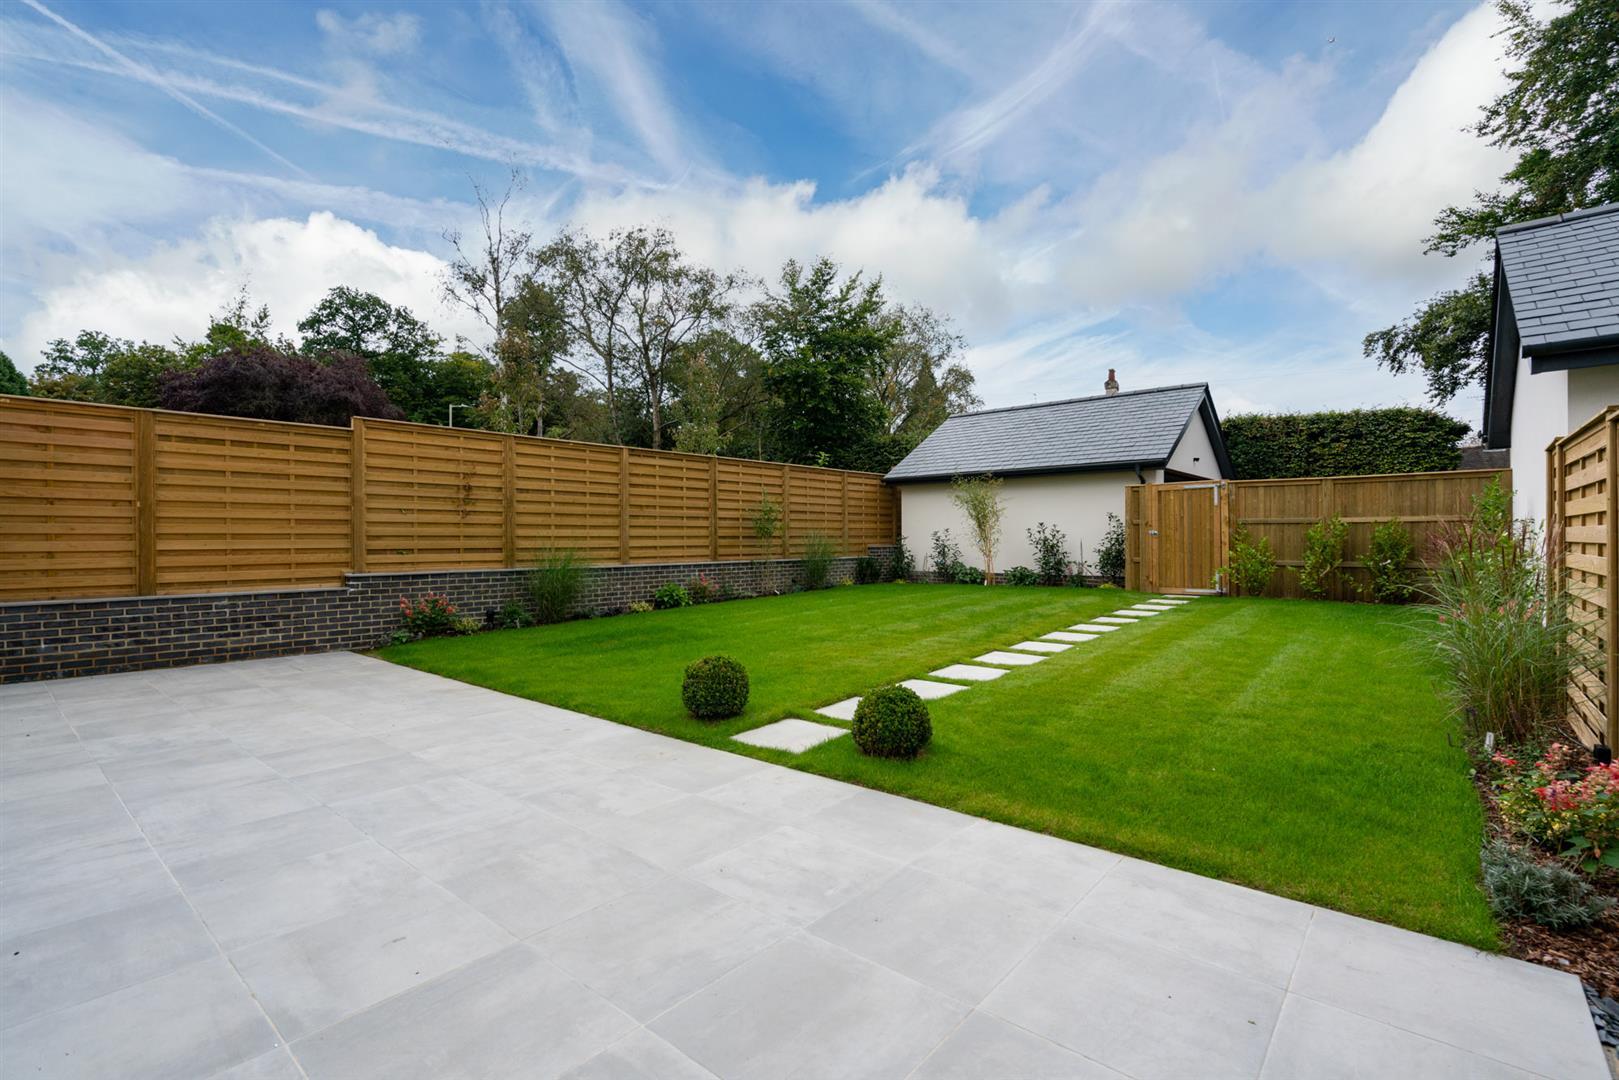 Hillcrest-3 - patio garden.jpg